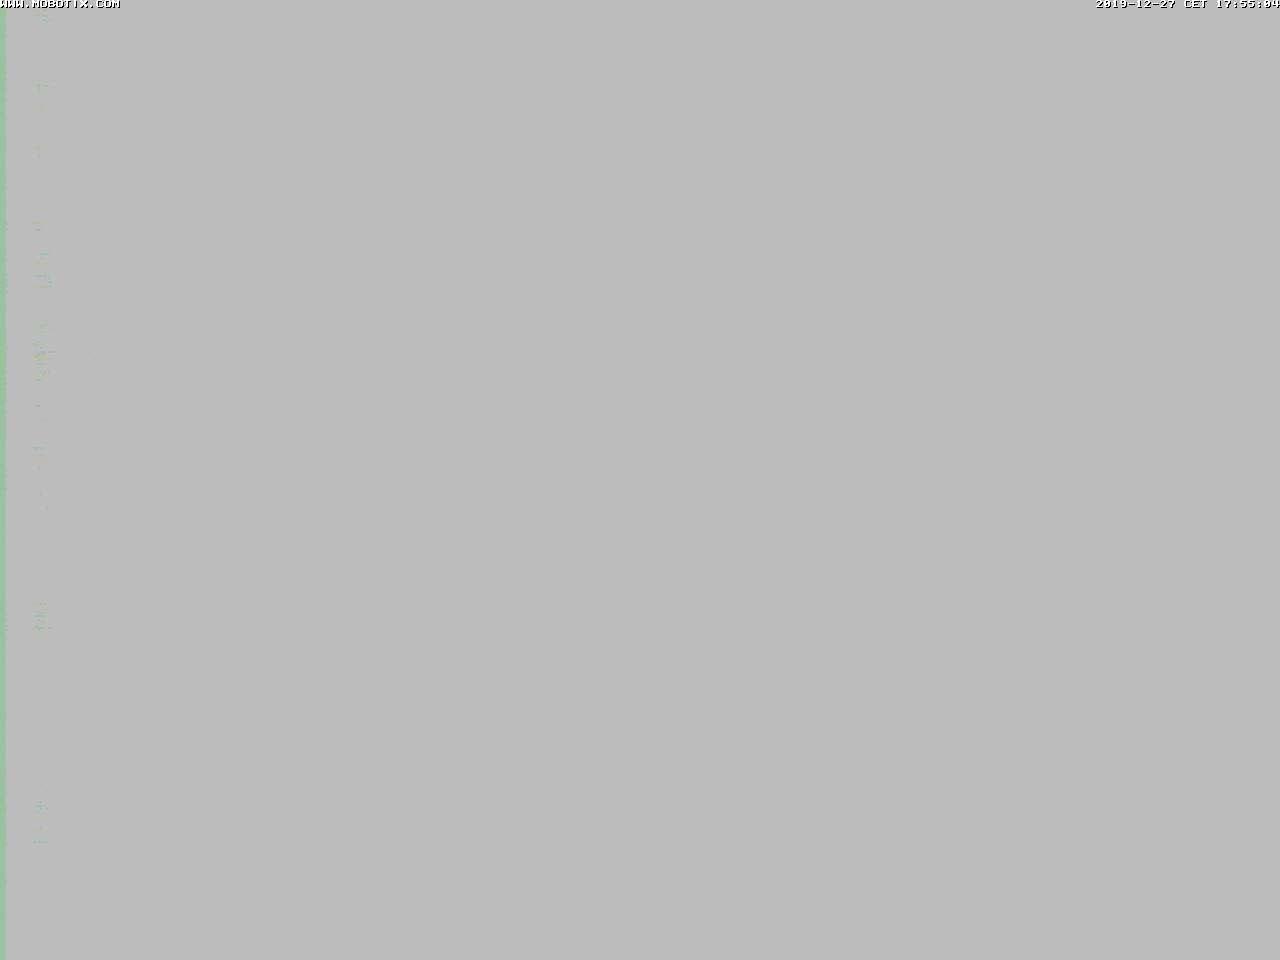 Ein Webcam Wetter Livebild aus Adelboden direkt vom Chefihuesi